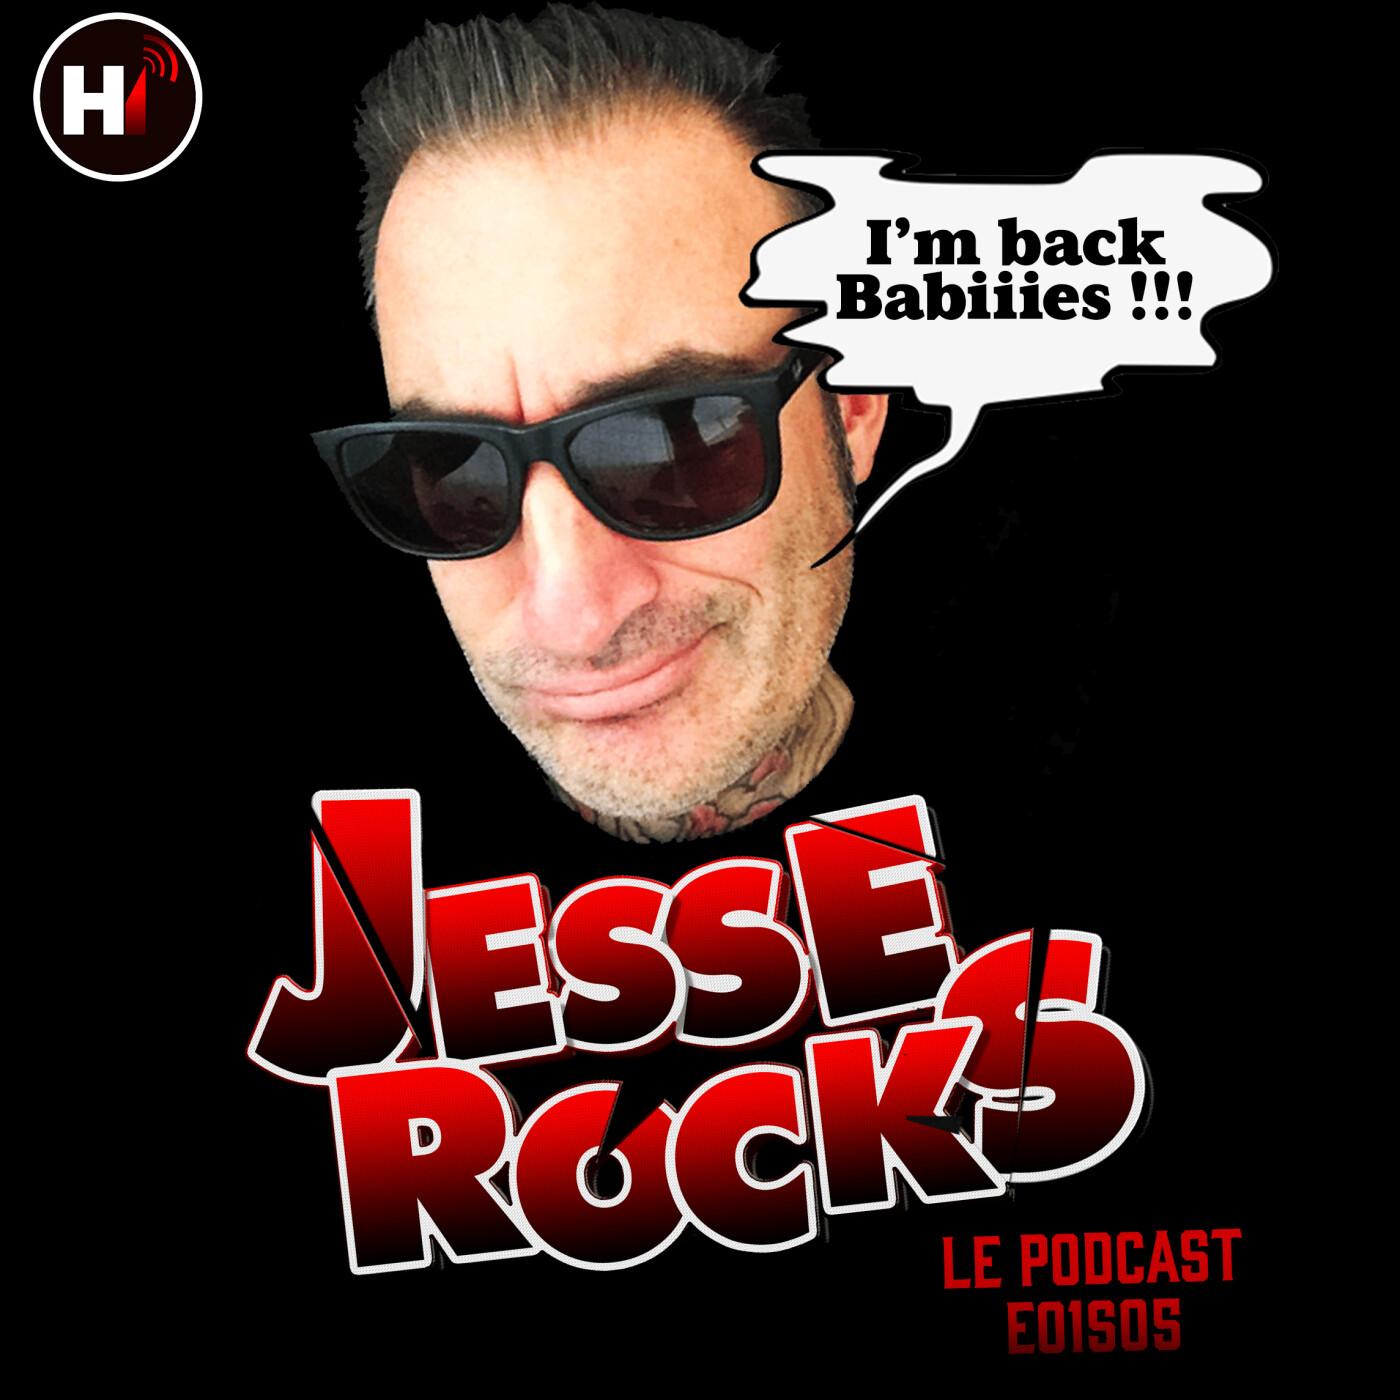 Jesse Rocks #1 Saison 5